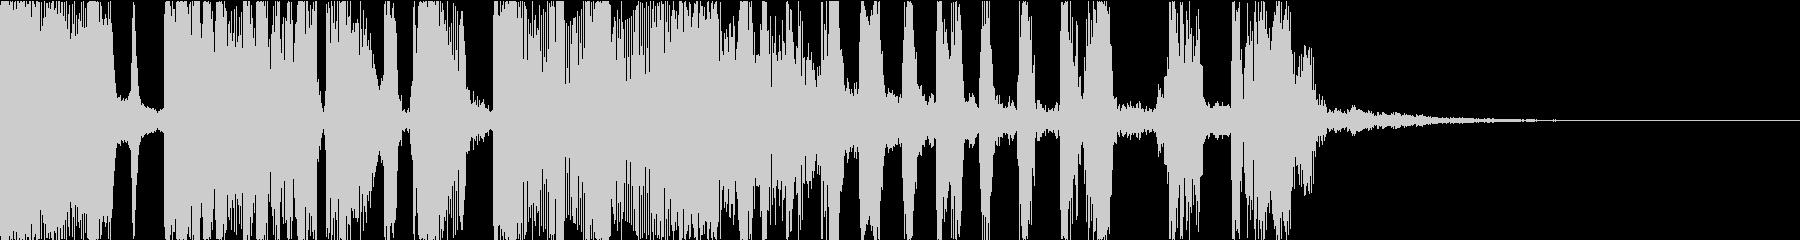 ファンキーなdjスクラッチ・ジングルbの未再生の波形